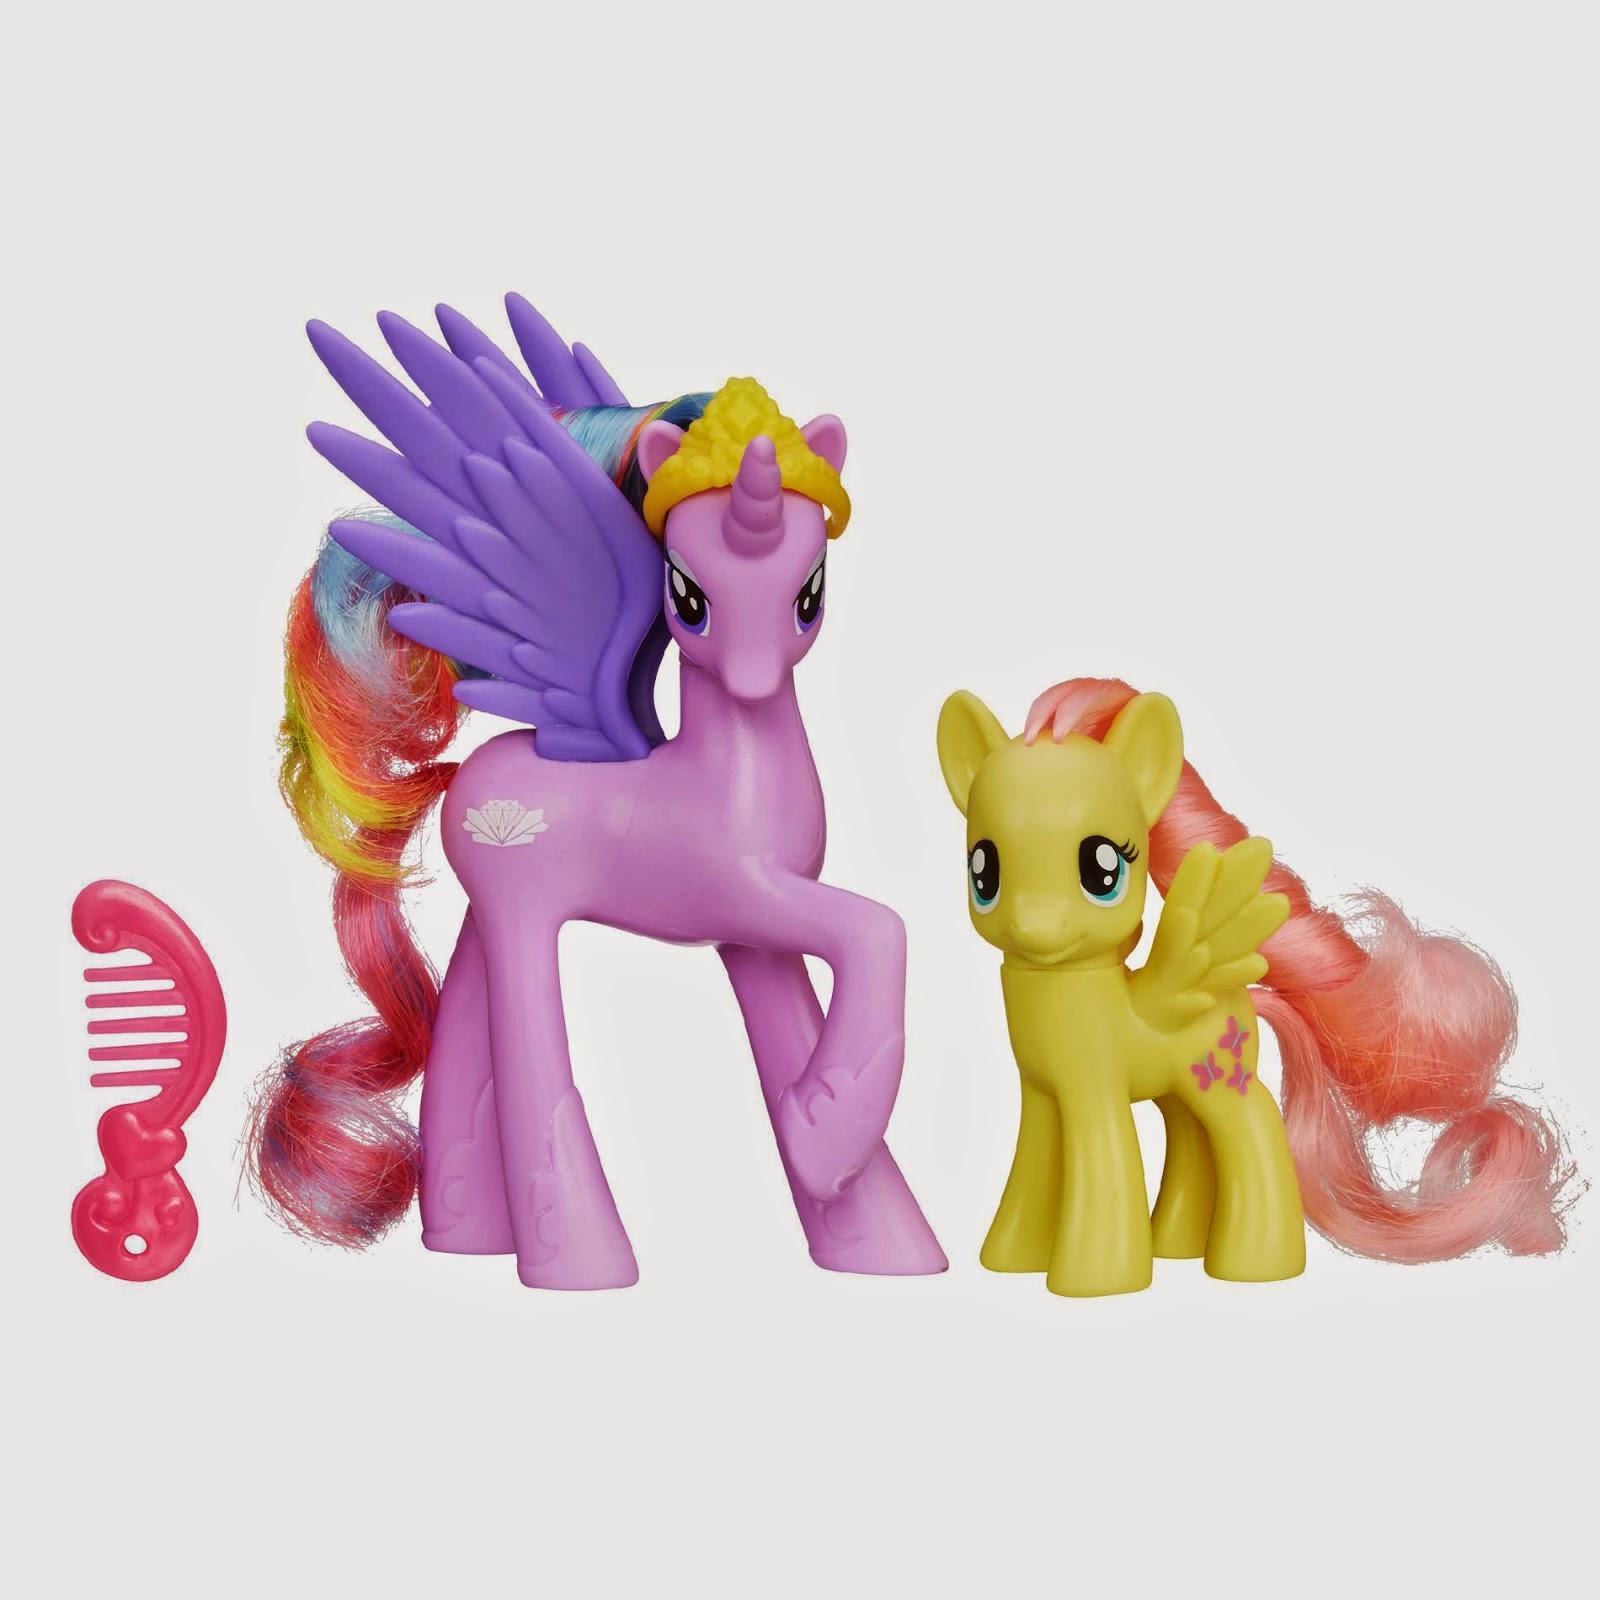 Equestria Daily Mlp Stuff More Alicorns Hasbro